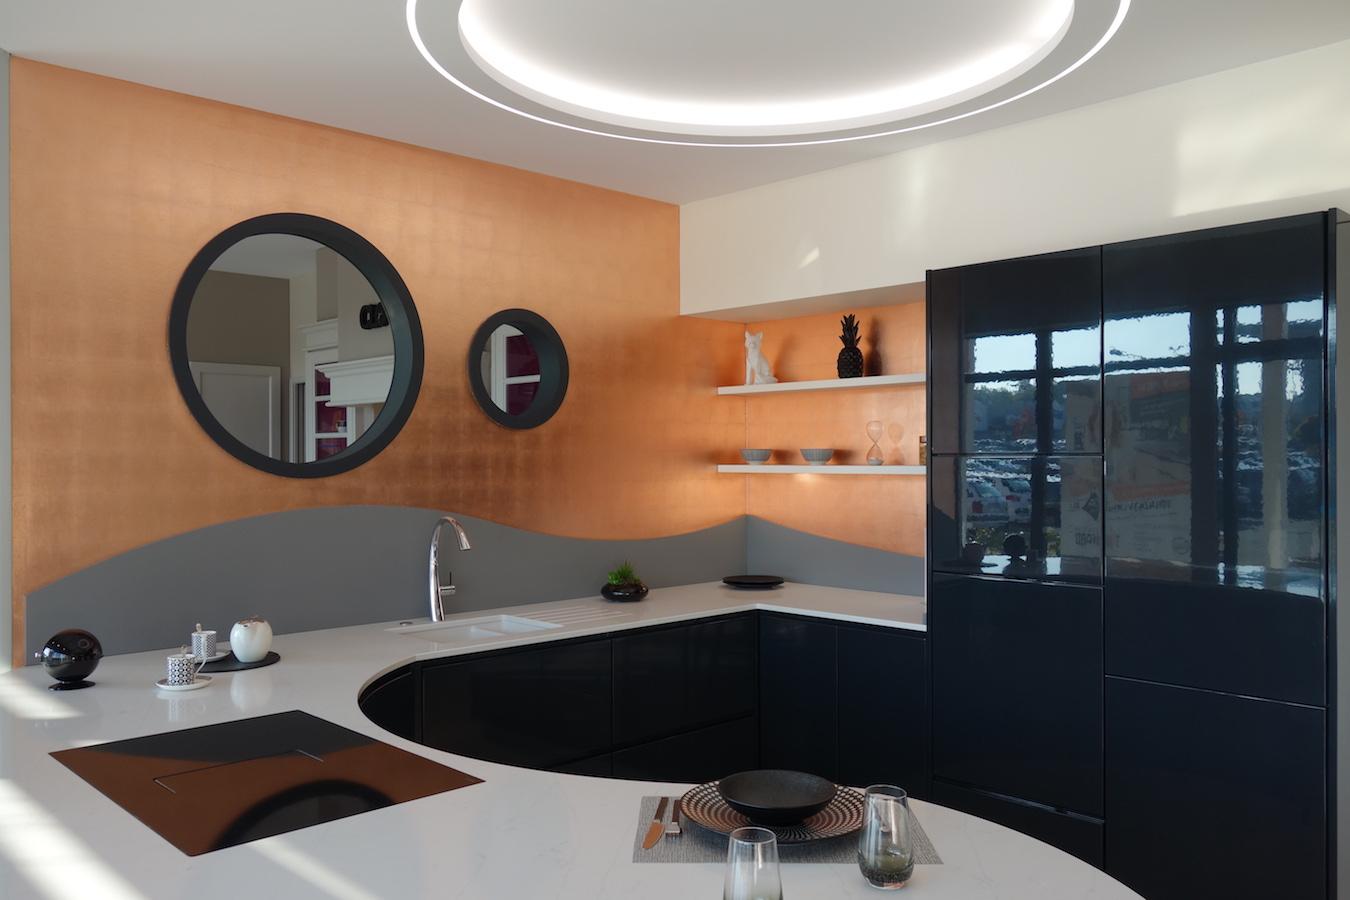 D coration feuilles de cuivres sur murs cuisine studio for Decoration des murs de cuisine